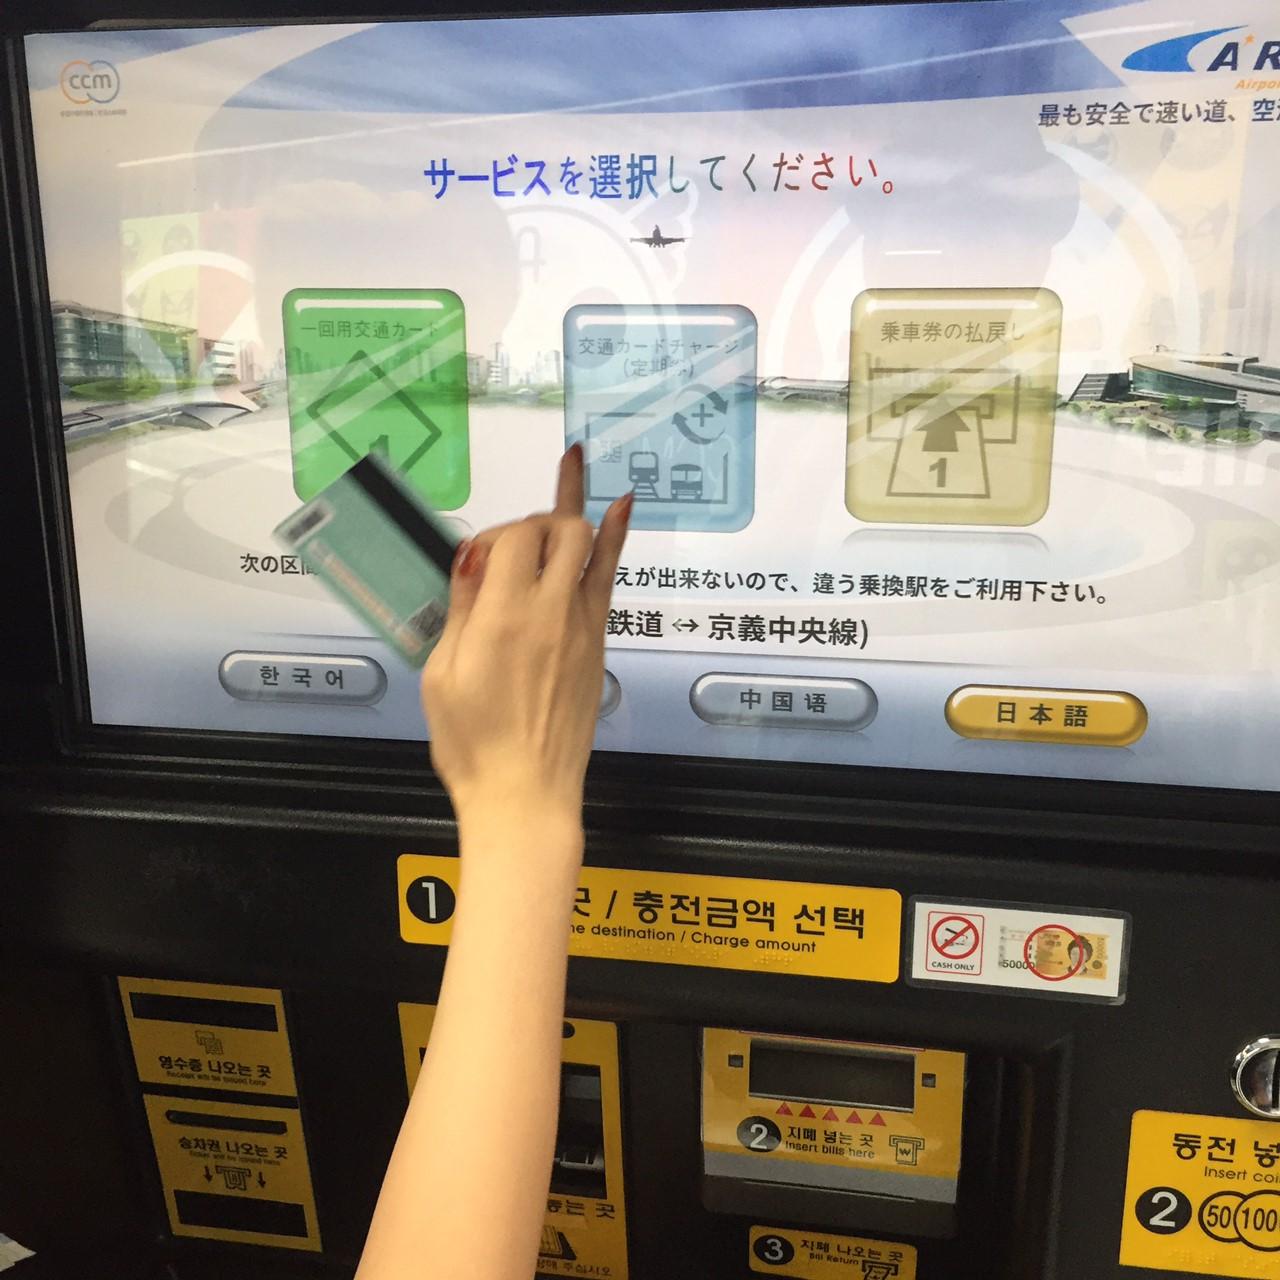 仁川空港 明洞 電車 Tマネーチャージまでかかる値段